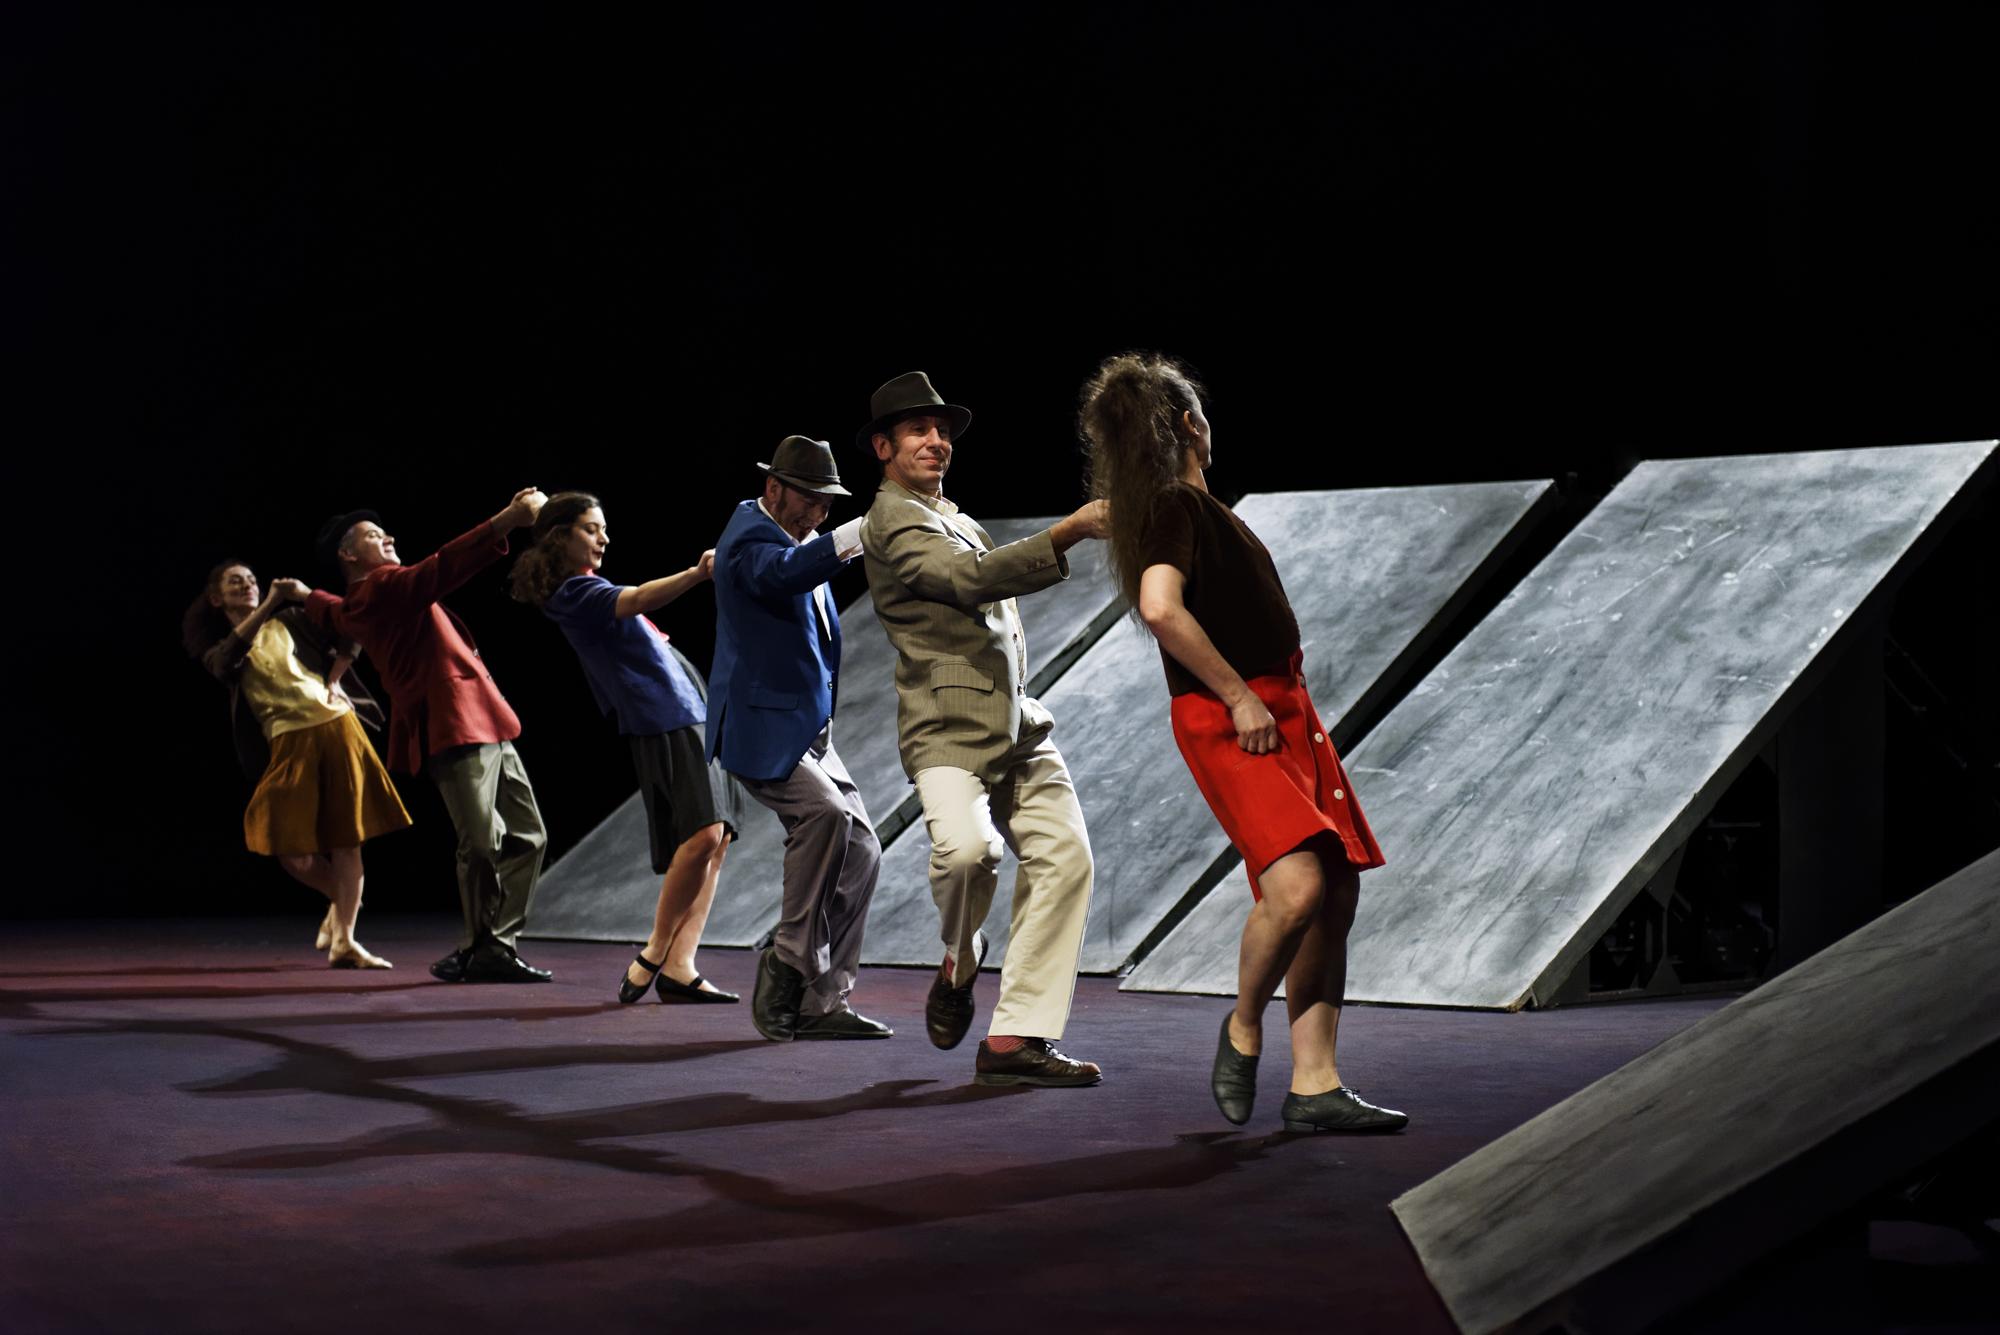 PÚBLICO - Dias da Dança: o festival que põe três cidades a dançar